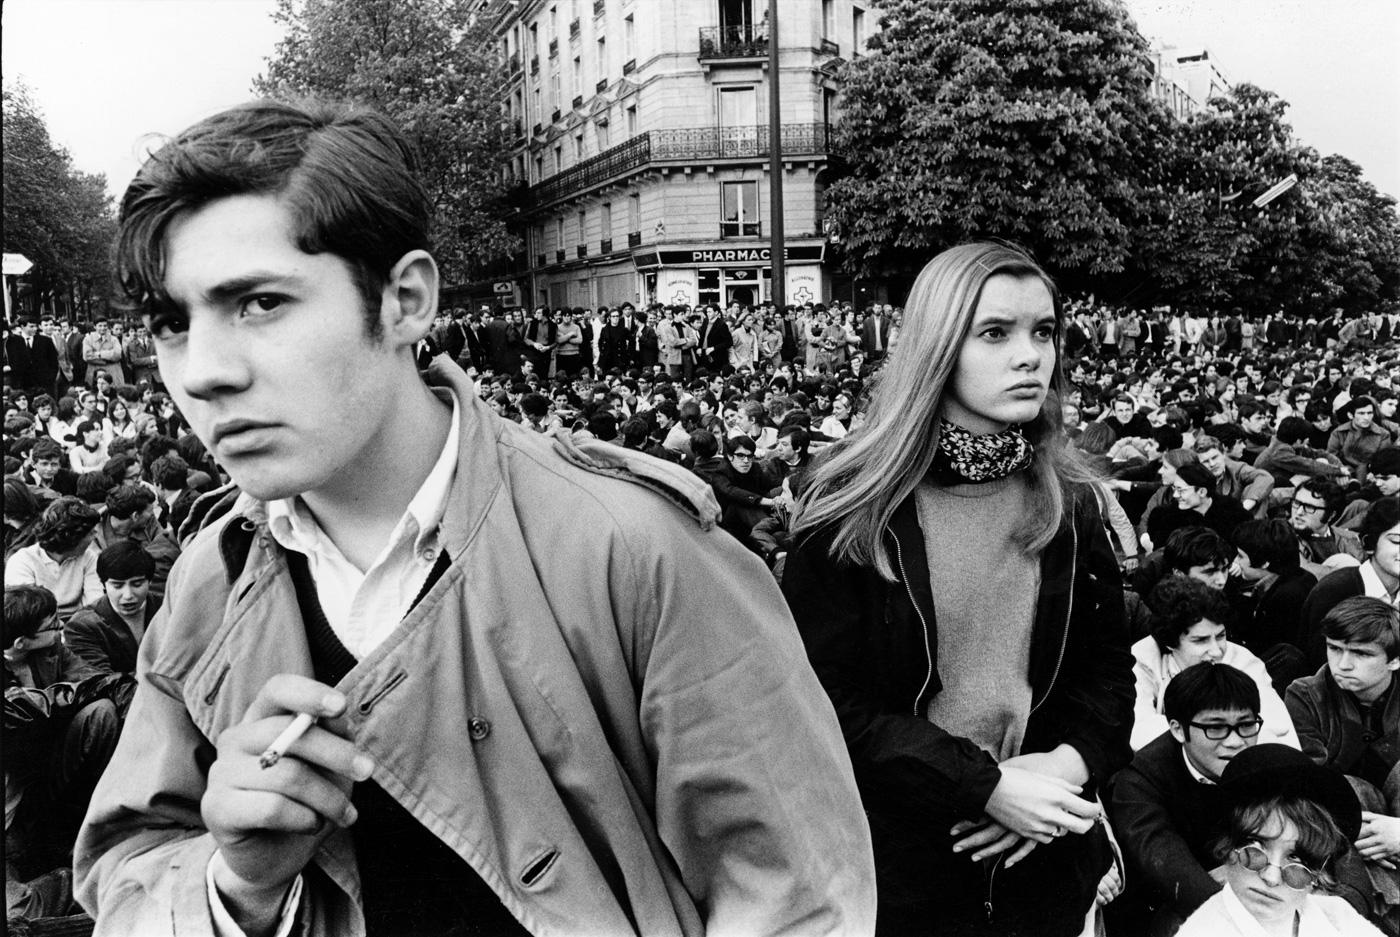 Студенческая демонстрация в Париже, 1968 год